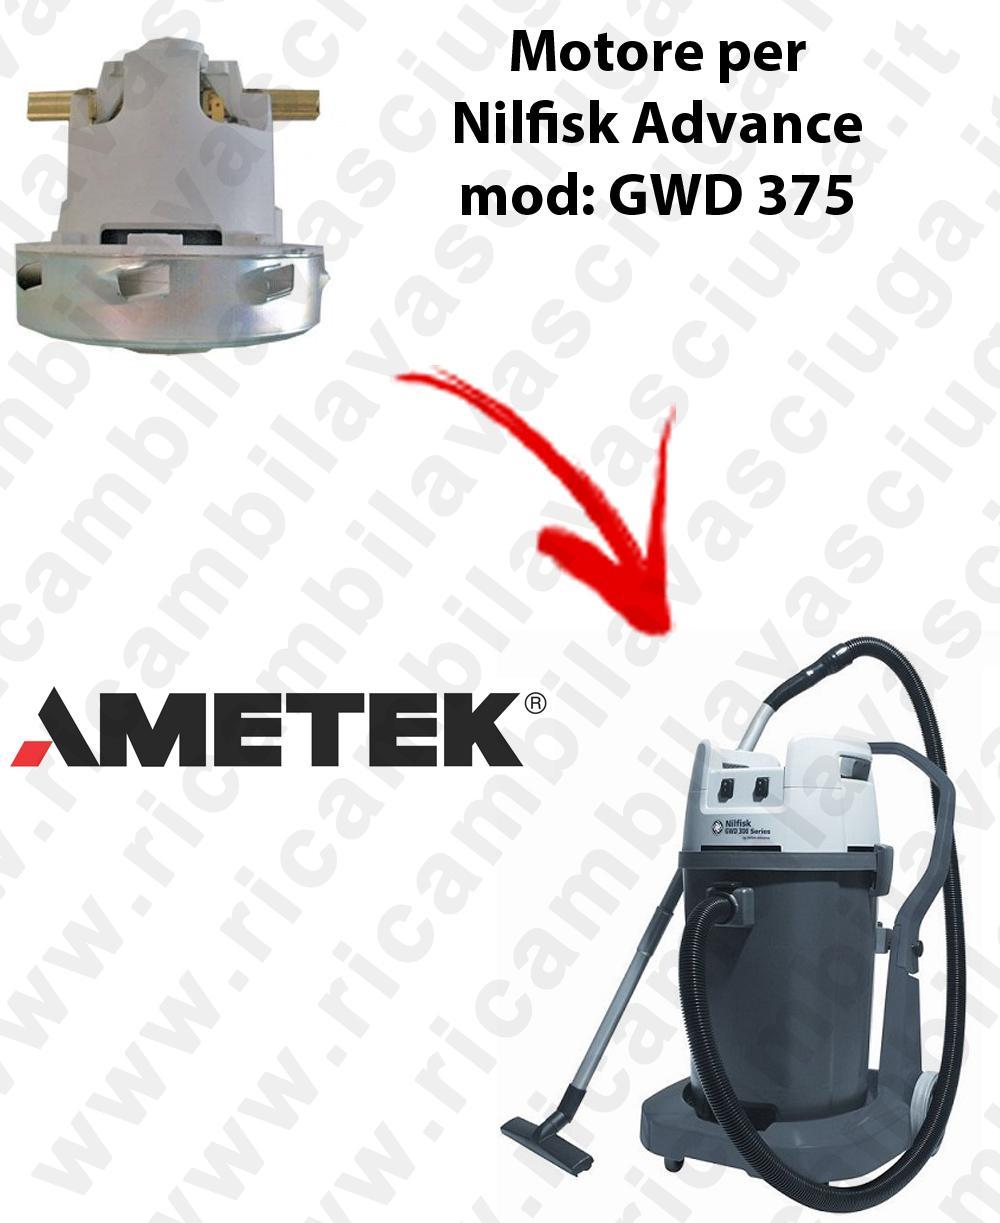 Motore Ametek di aspirazione per Aspirapolvere NILFISK Advance GWD 375